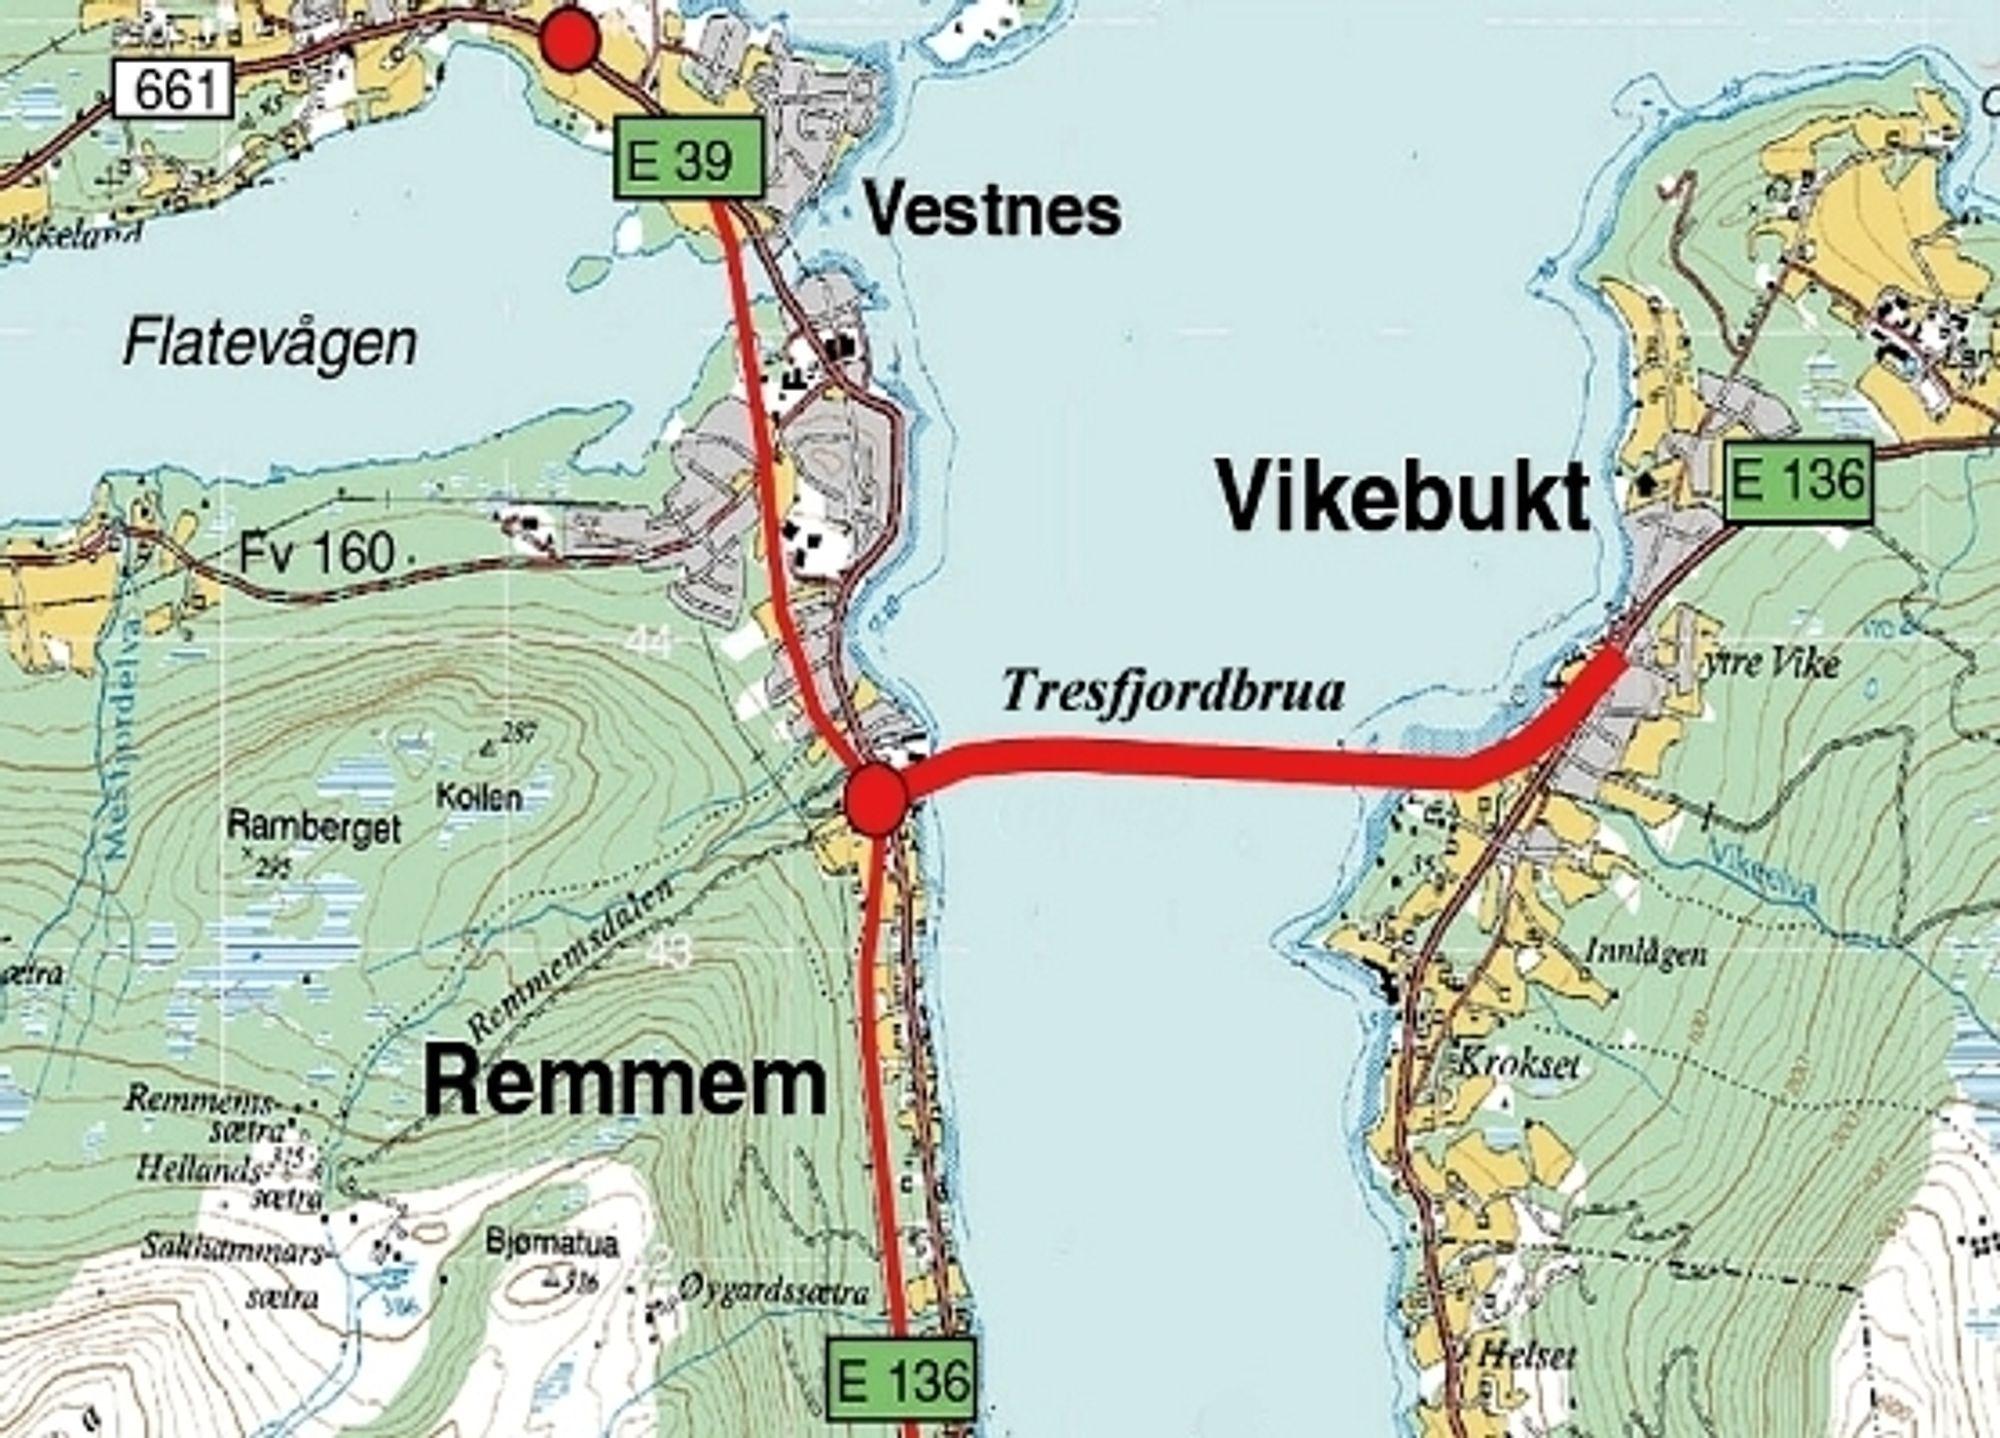 Den røde linjen over fjorden markerer traséen til Tresfjordbrua. Vegvesenet håper på stortingsbehandling til høsten og byggestart neste år.